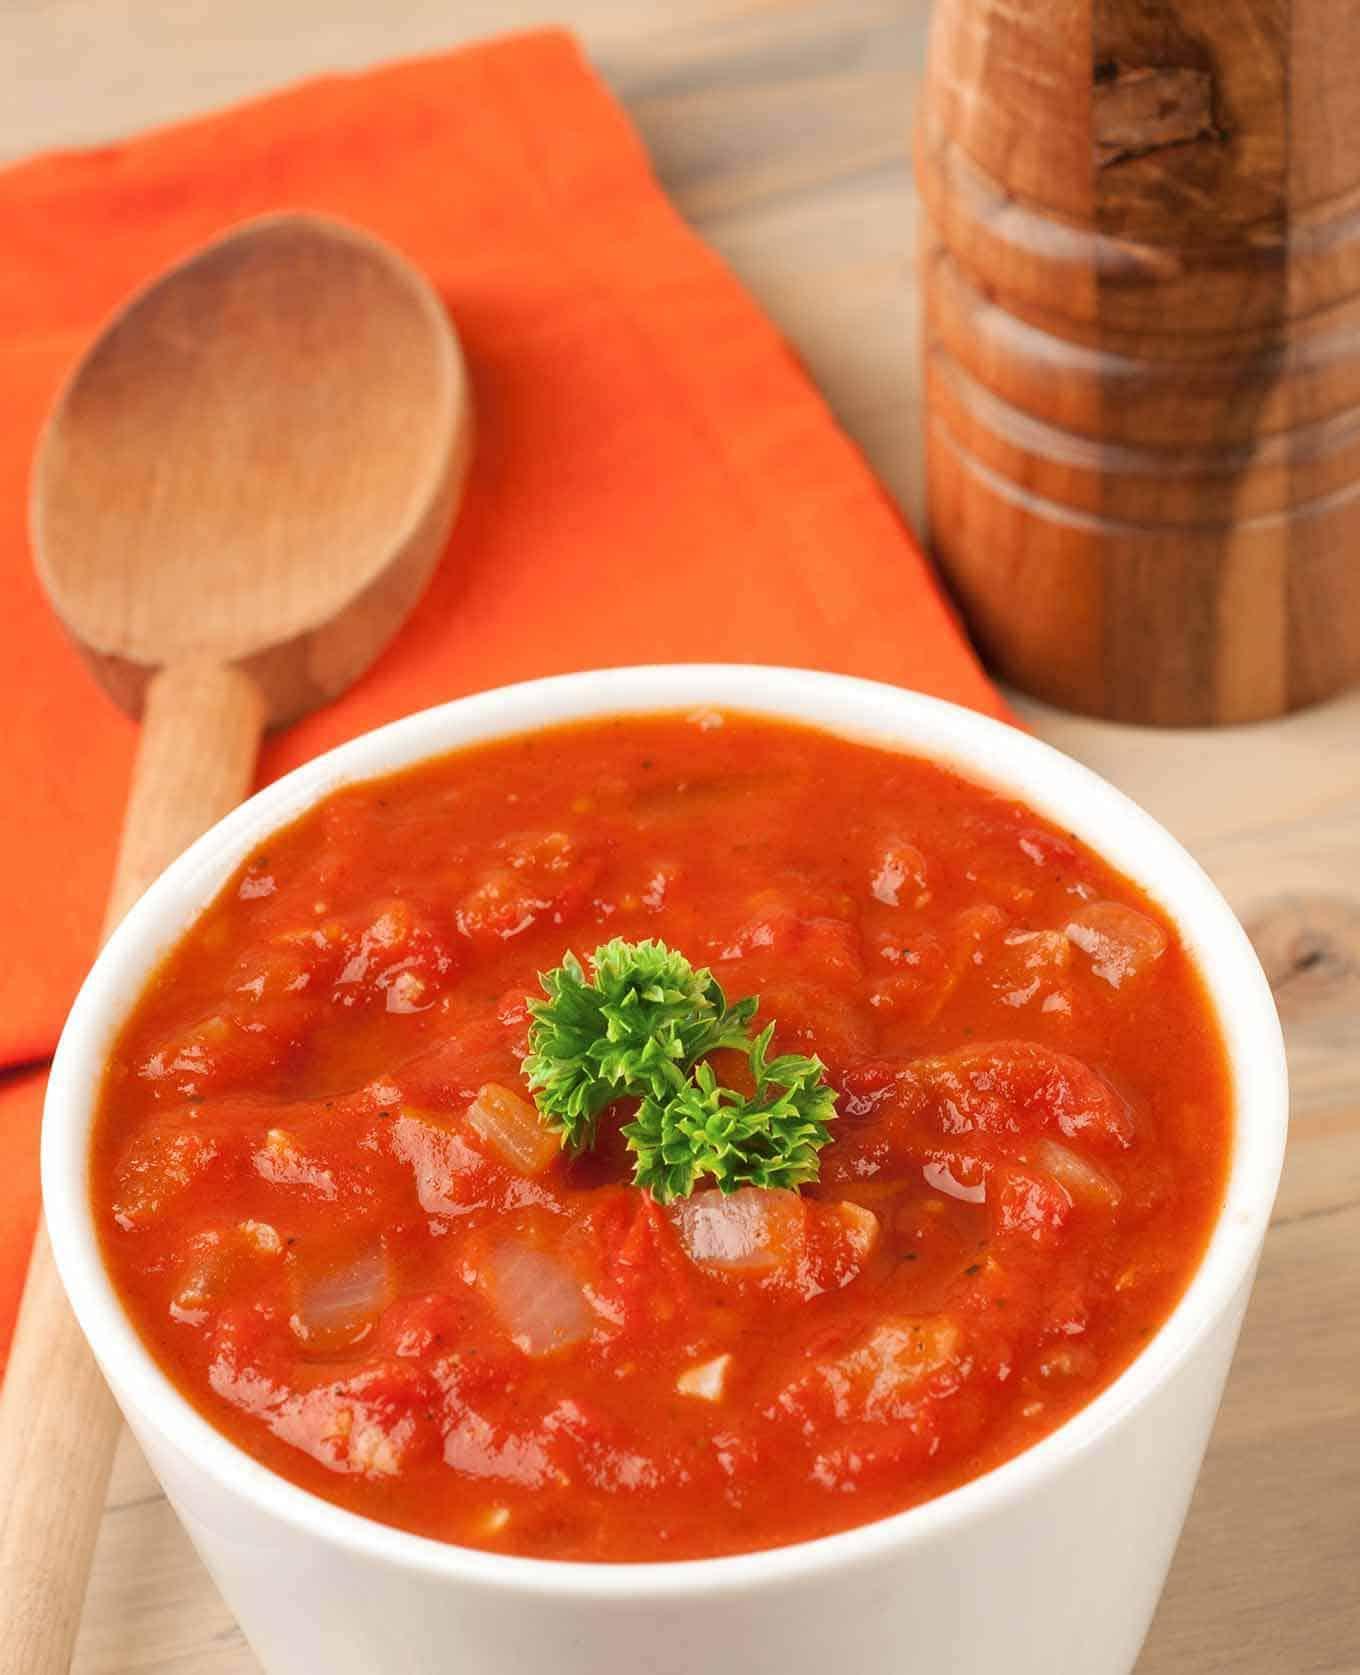 Piquant Tomato-Orange Sauce